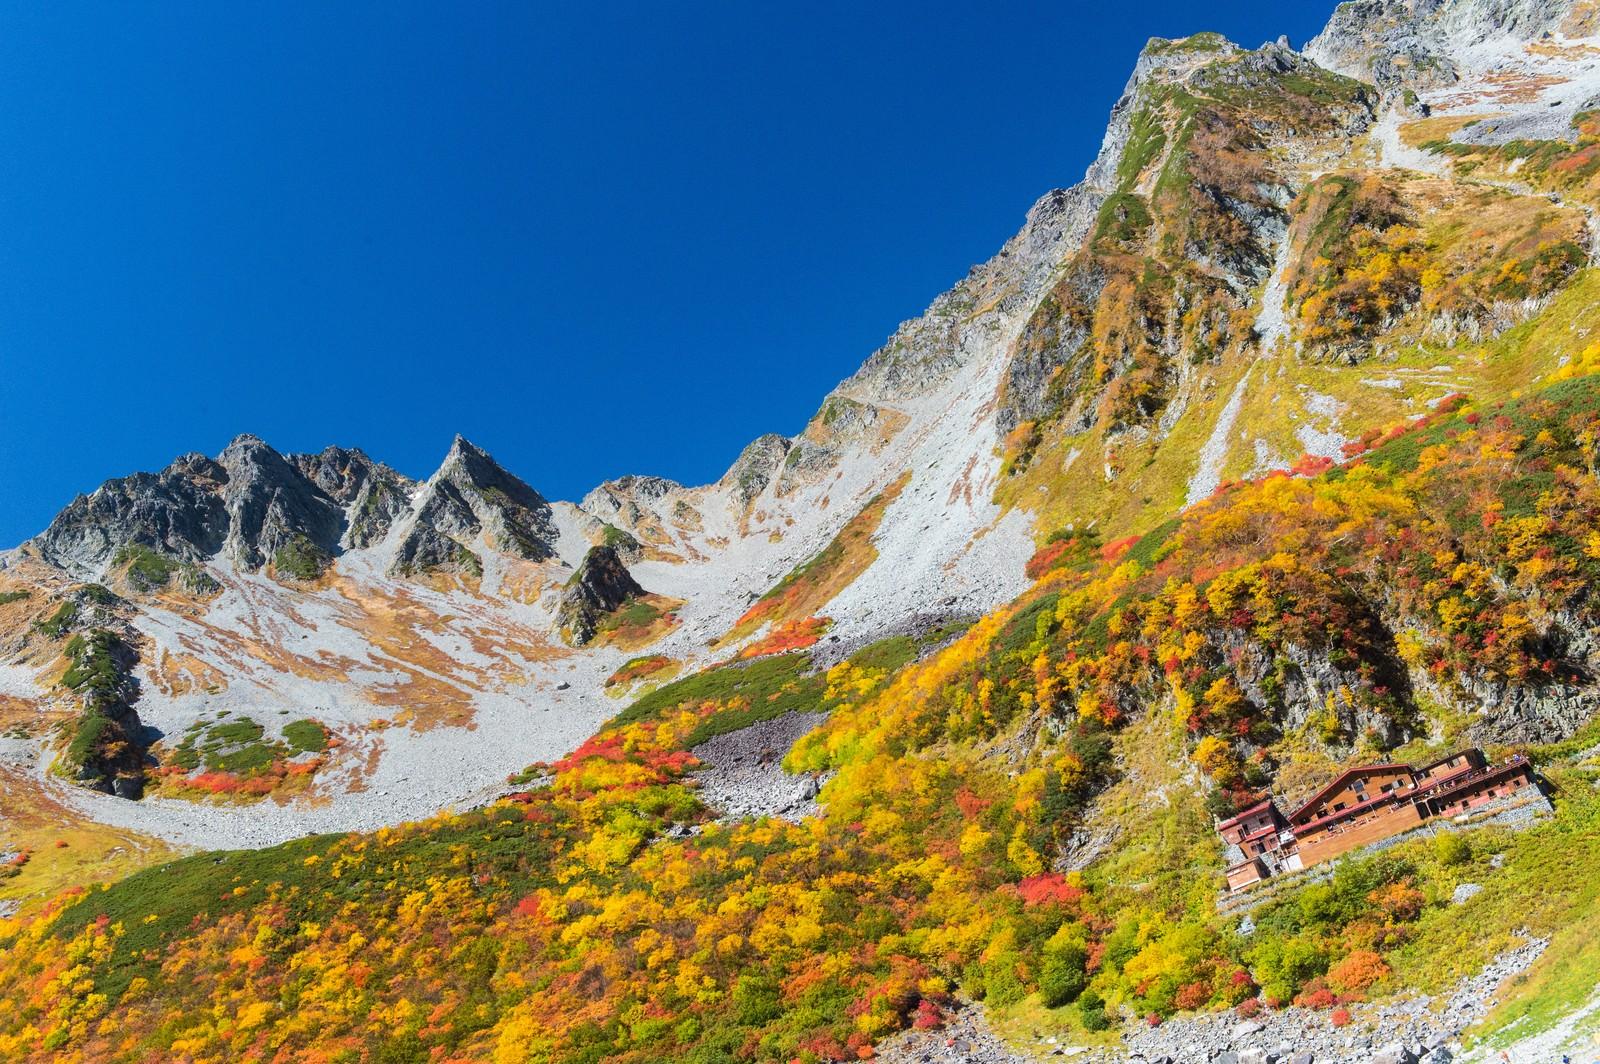 「涸沢小屋の後ろのそびえ立つ涸沢岳」の写真